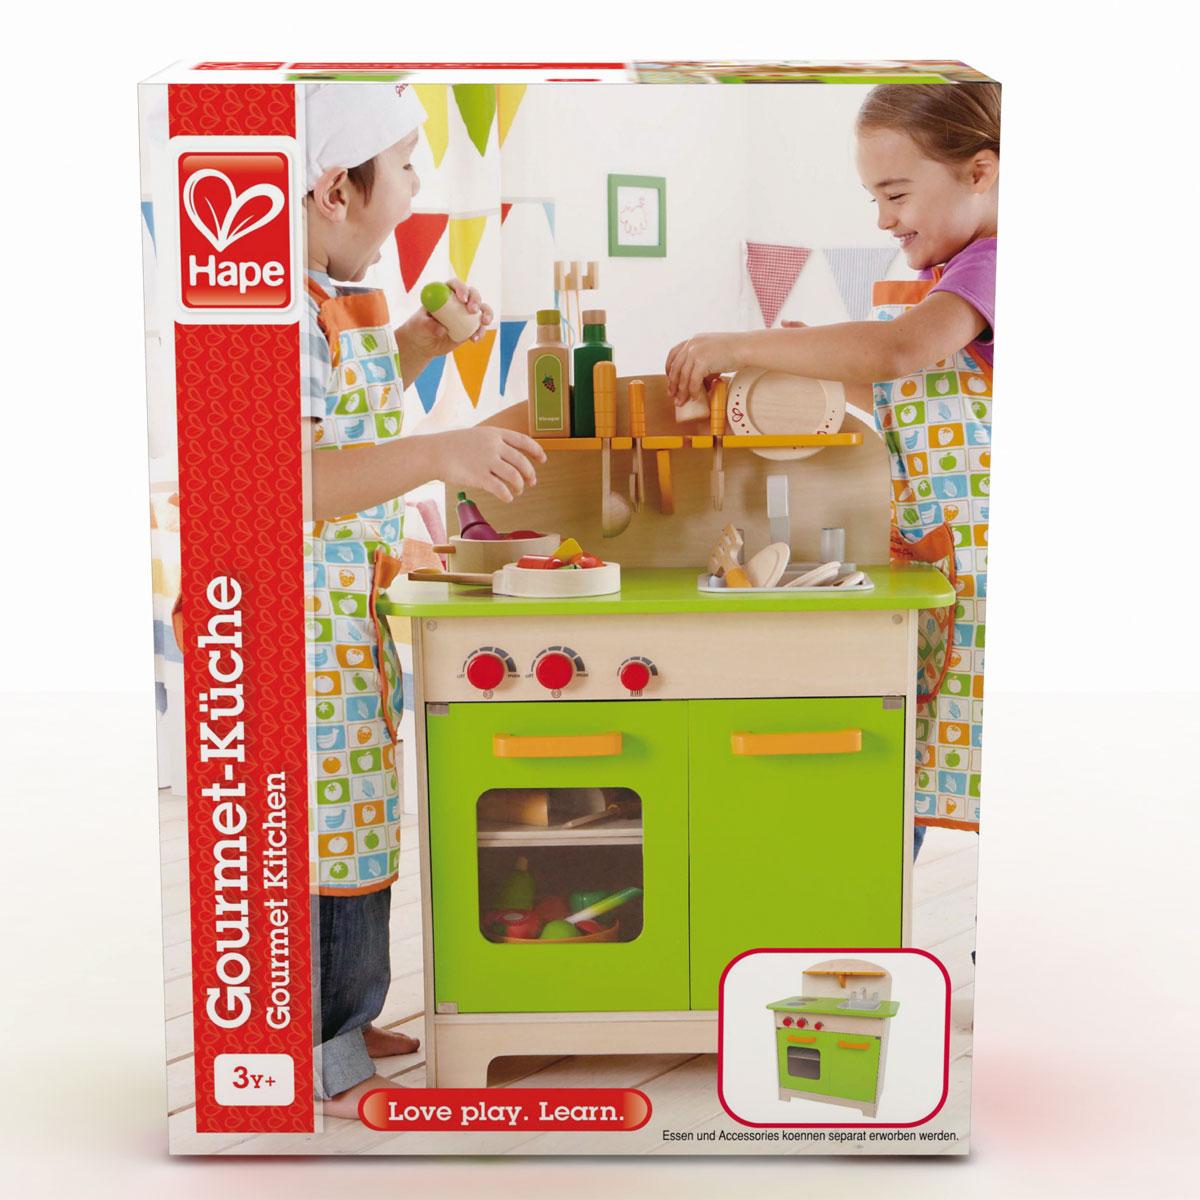 Hape cuisine gastronomique vert e3101 for Stage de cuisine gastronomique